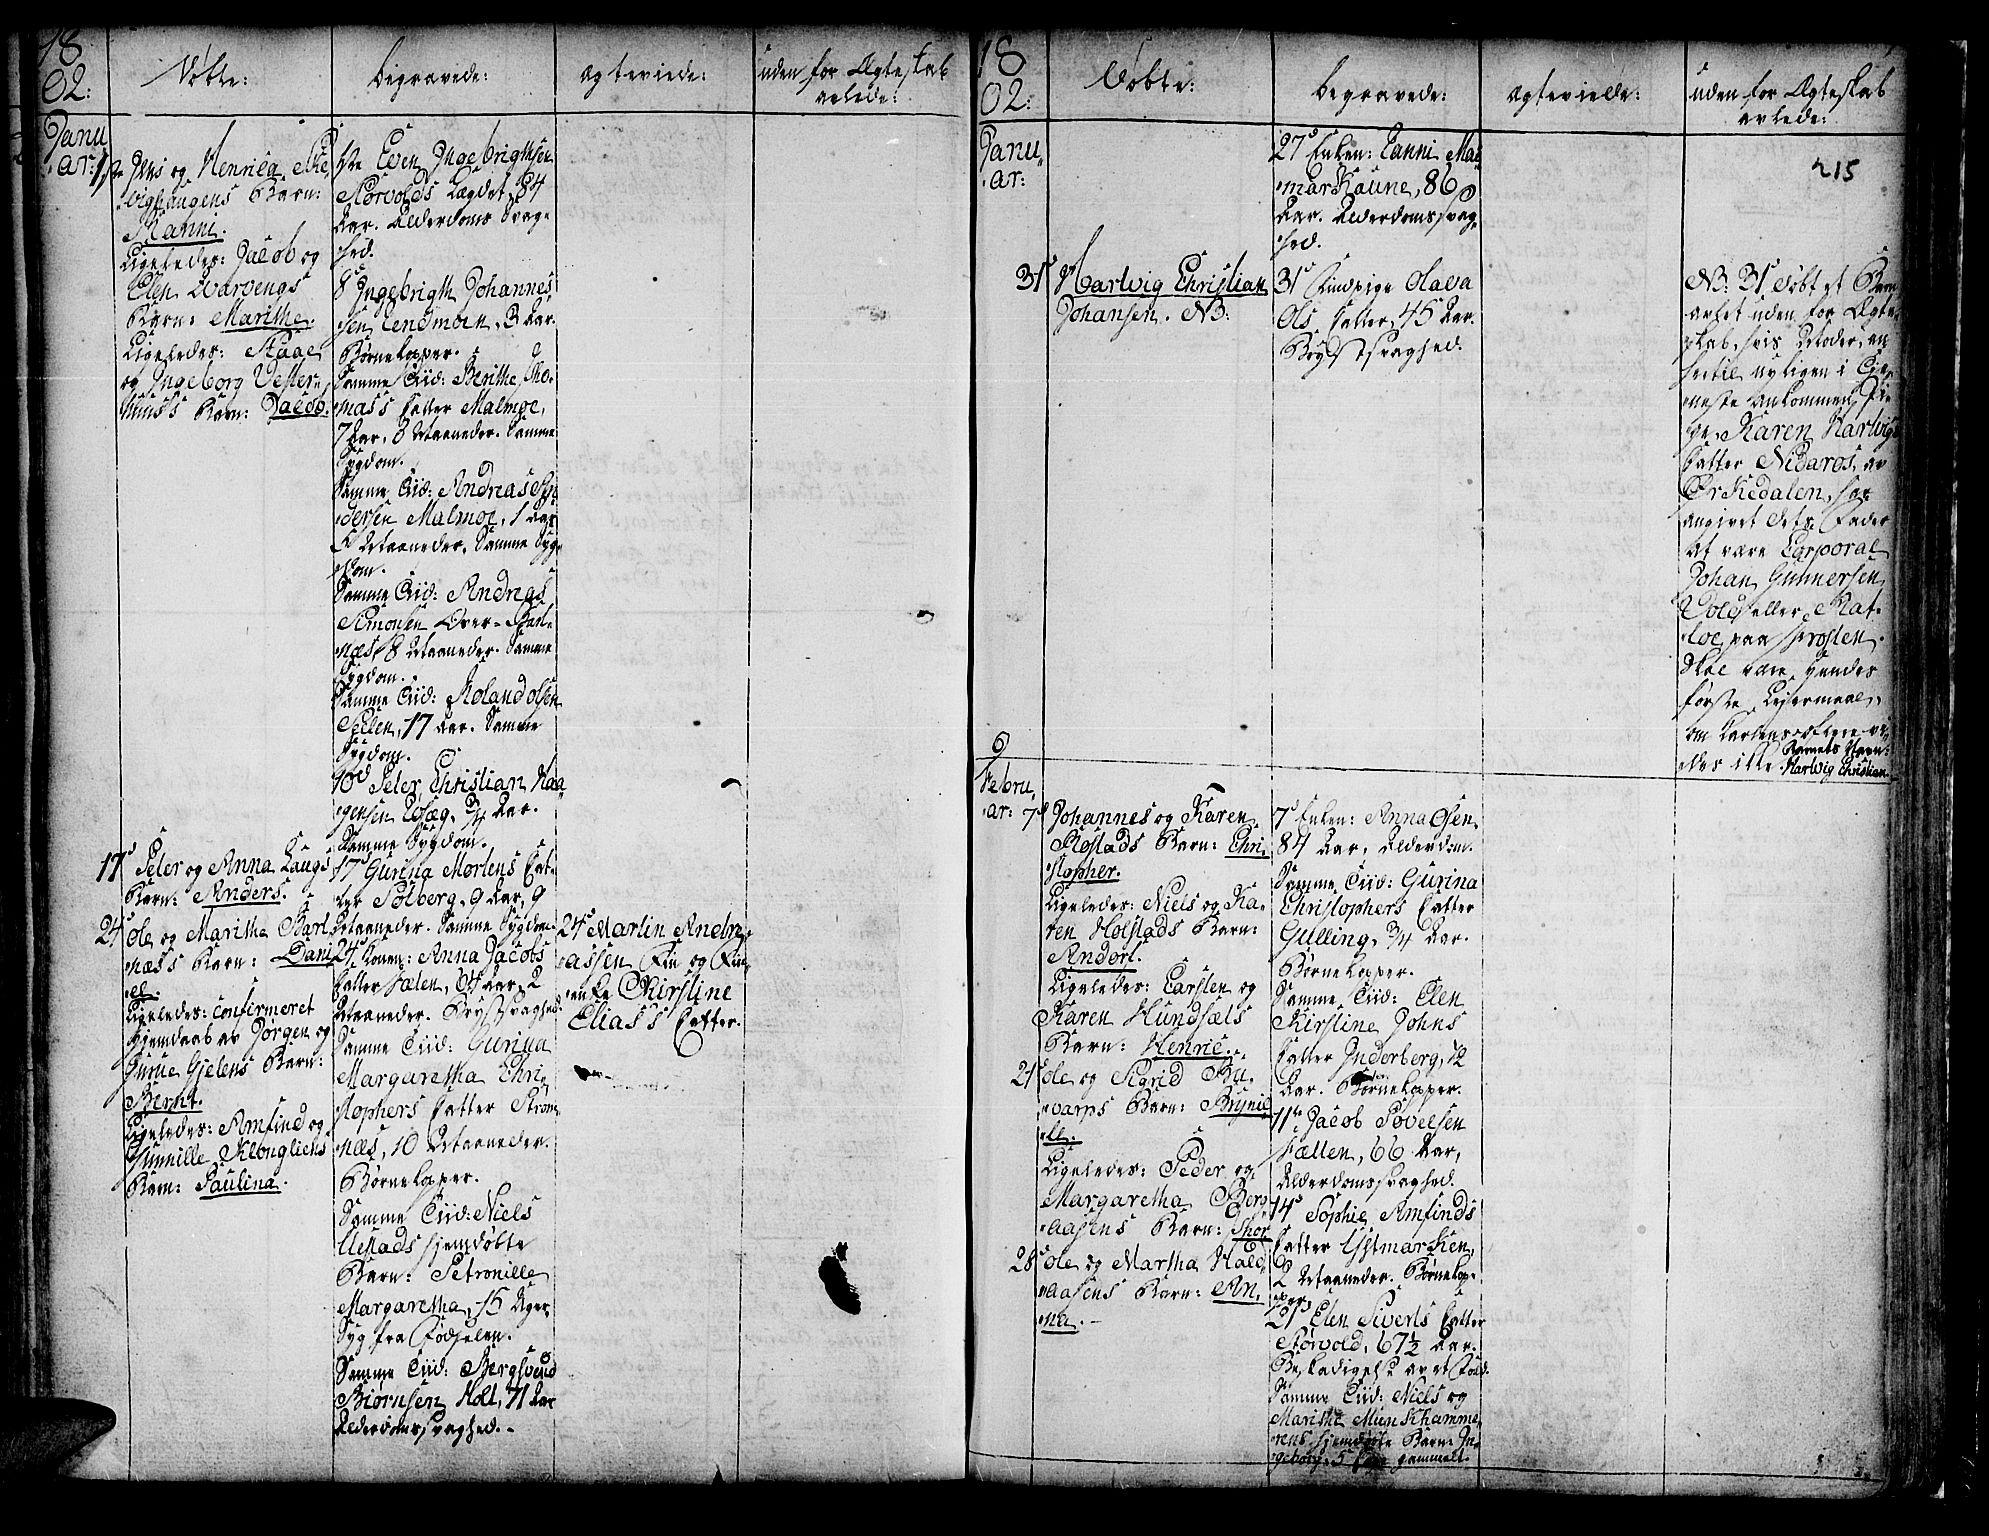 SAT, Ministerialprotokoller, klokkerbøker og fødselsregistre - Nord-Trøndelag, 741/L0385: Ministerialbok nr. 741A01, 1722-1815, s. 215